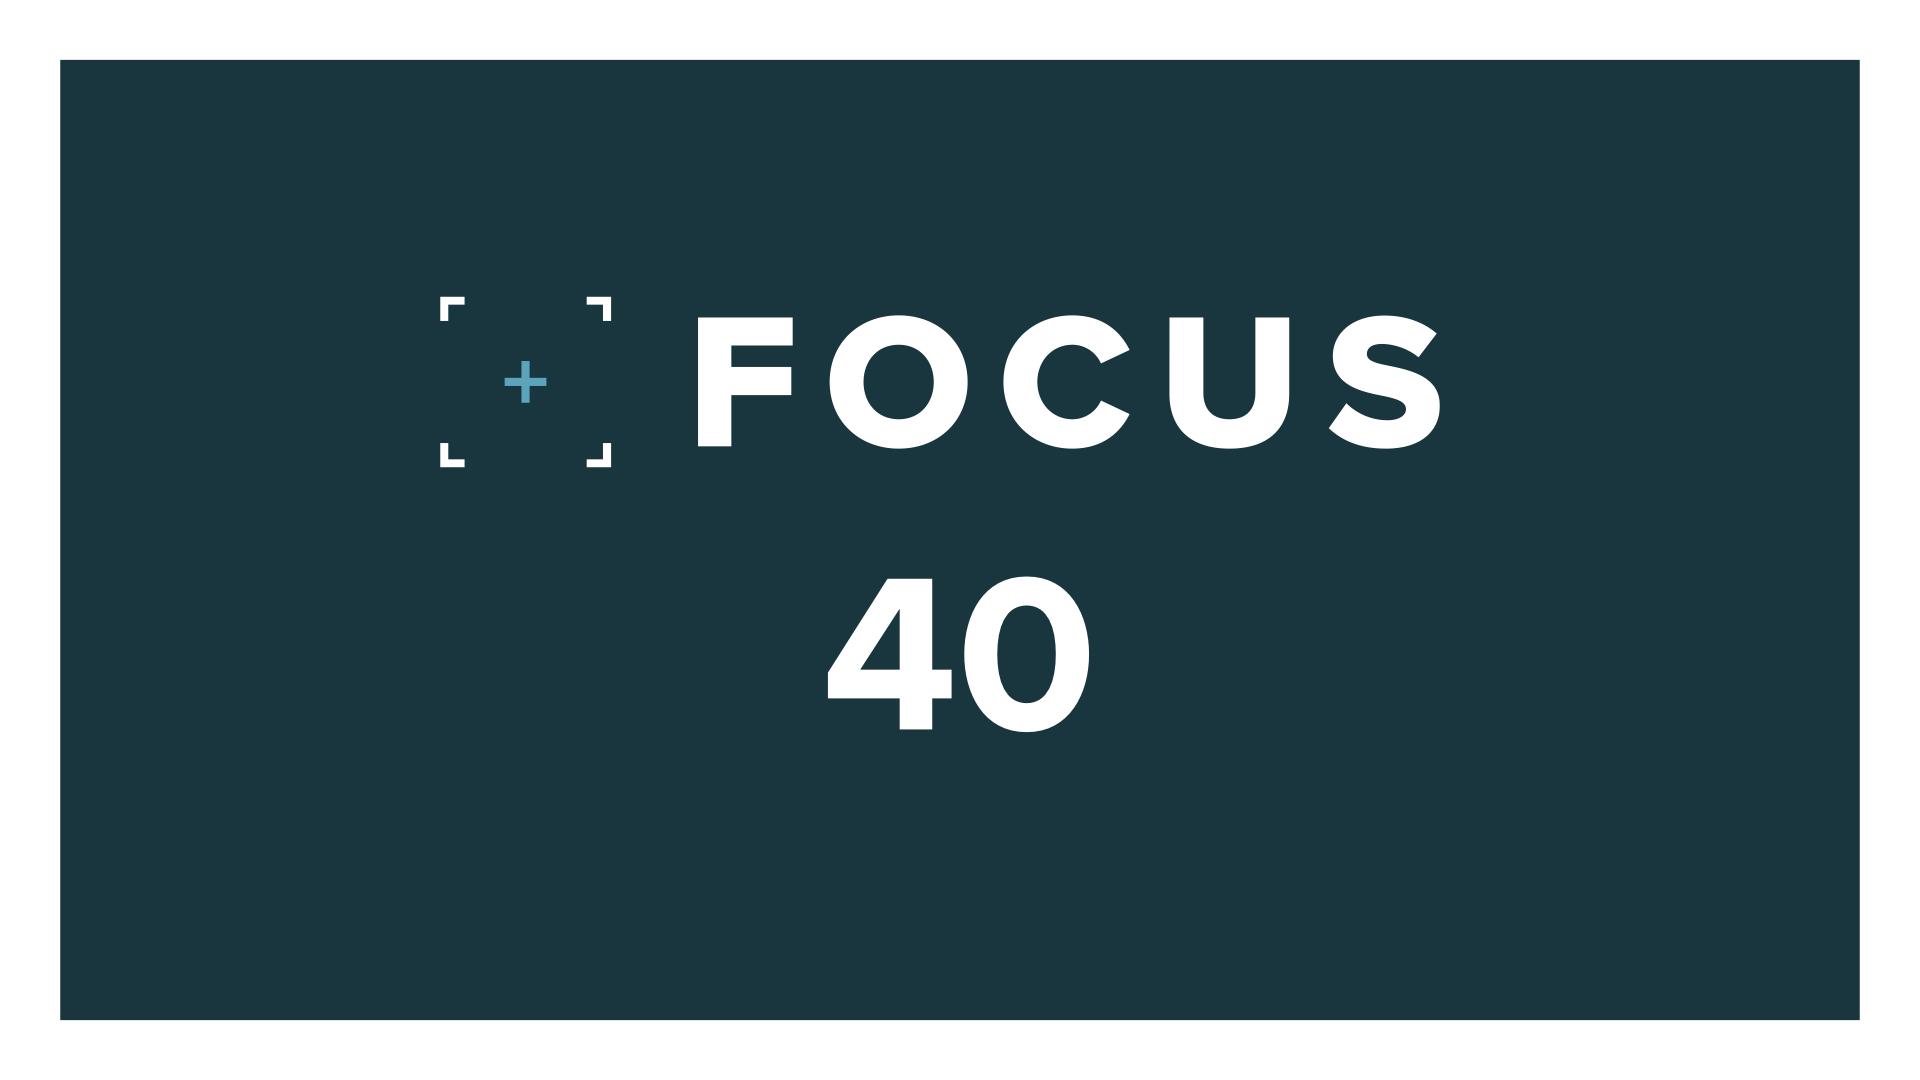 The Focus 40